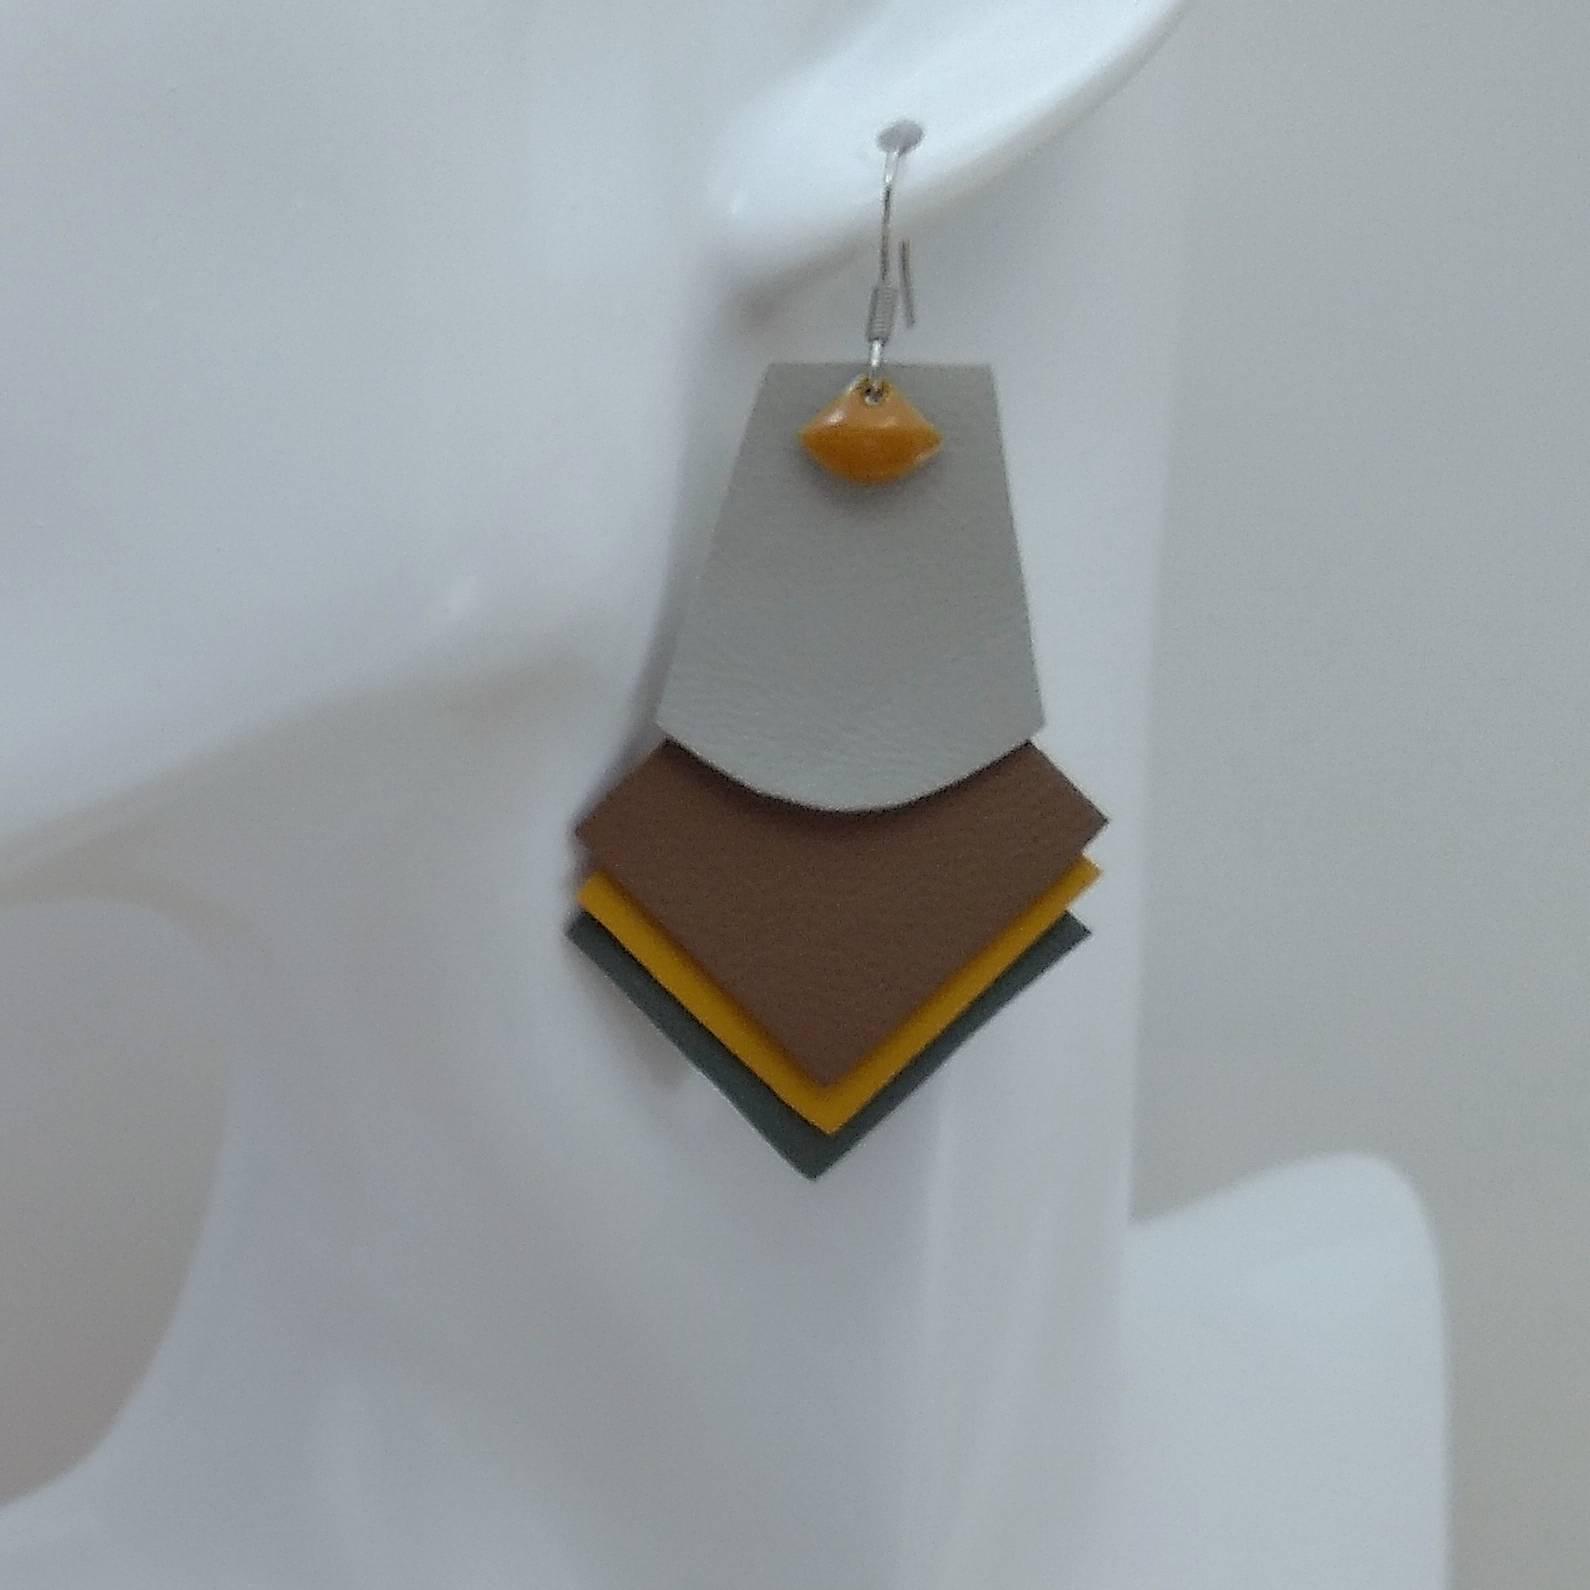 VENDUES ! B.O. FORMIDABLE modèle 1 Breloque éventail moutarde et cuir gris clair/sépia/ocre/gris